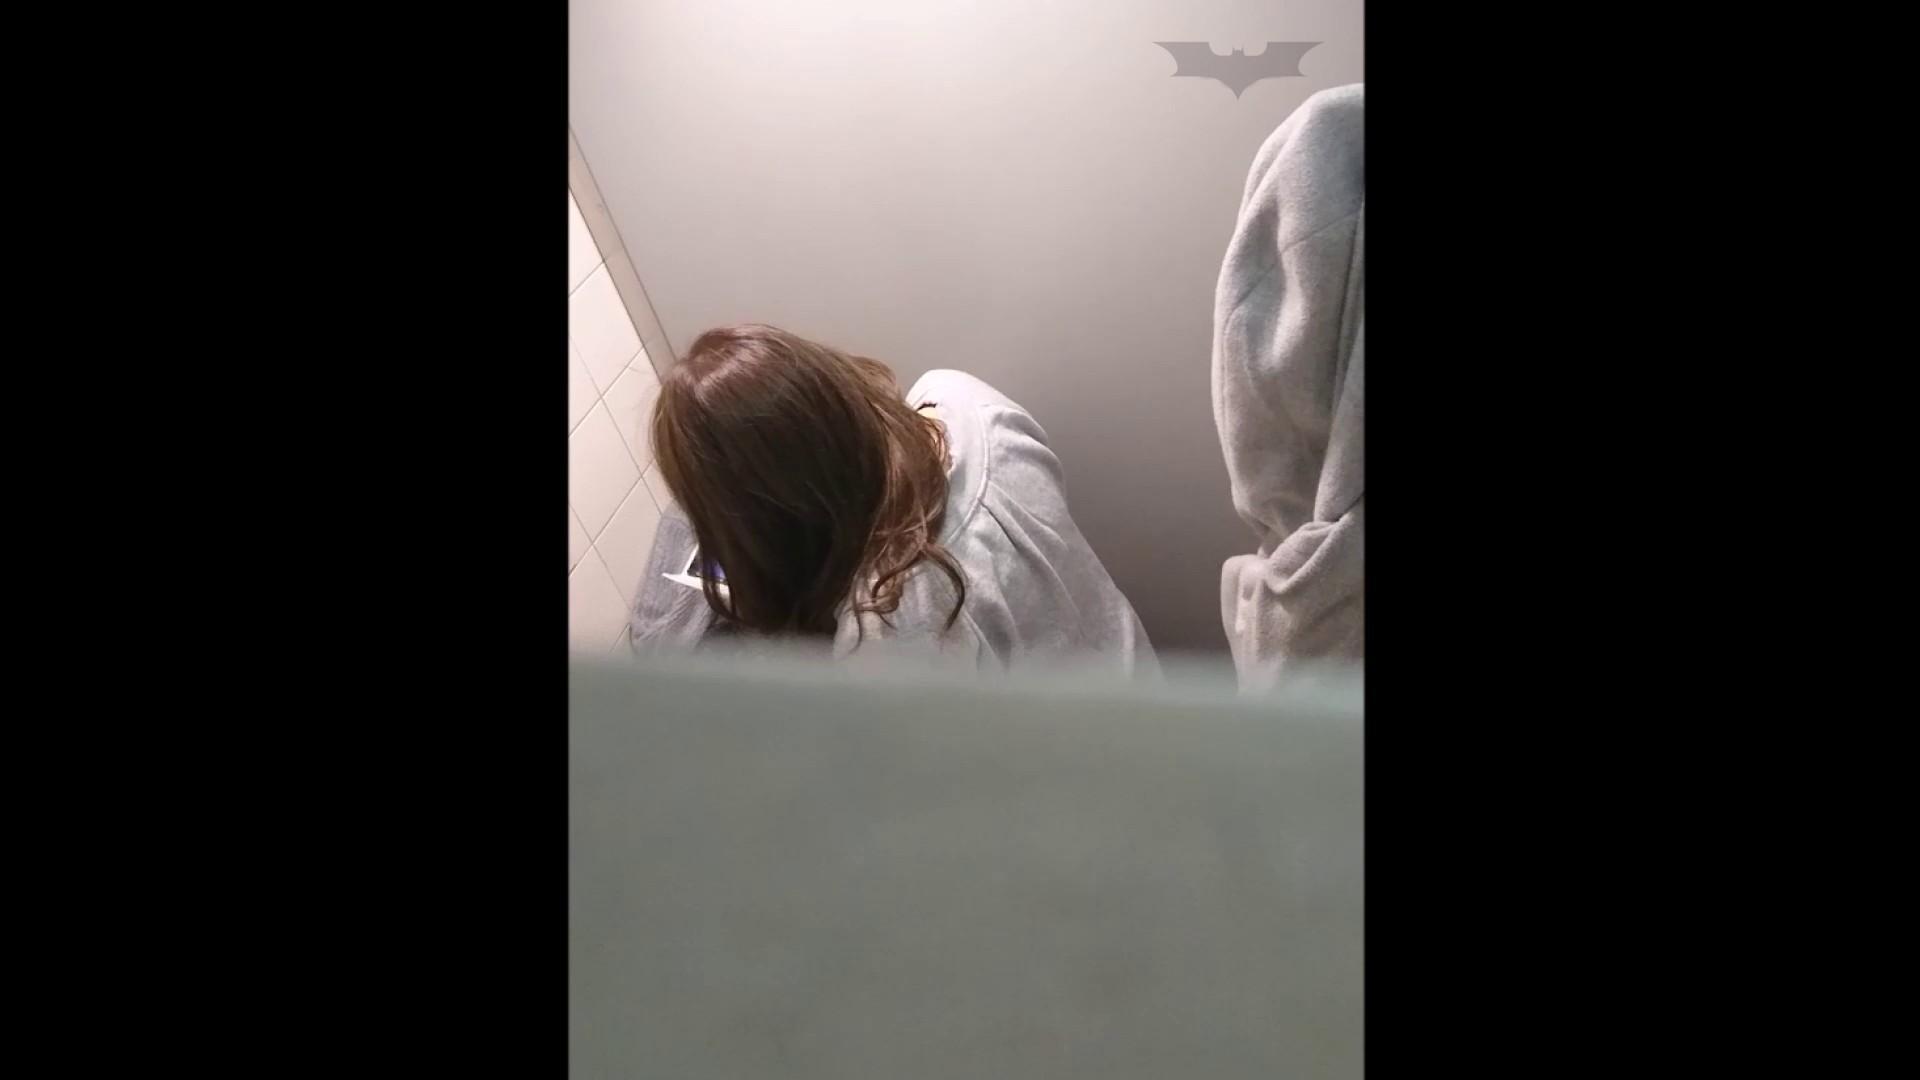 無修正エロ動画|化粧室絵巻 ショッピングモール編 VOL.02|怪盗ジョーカー